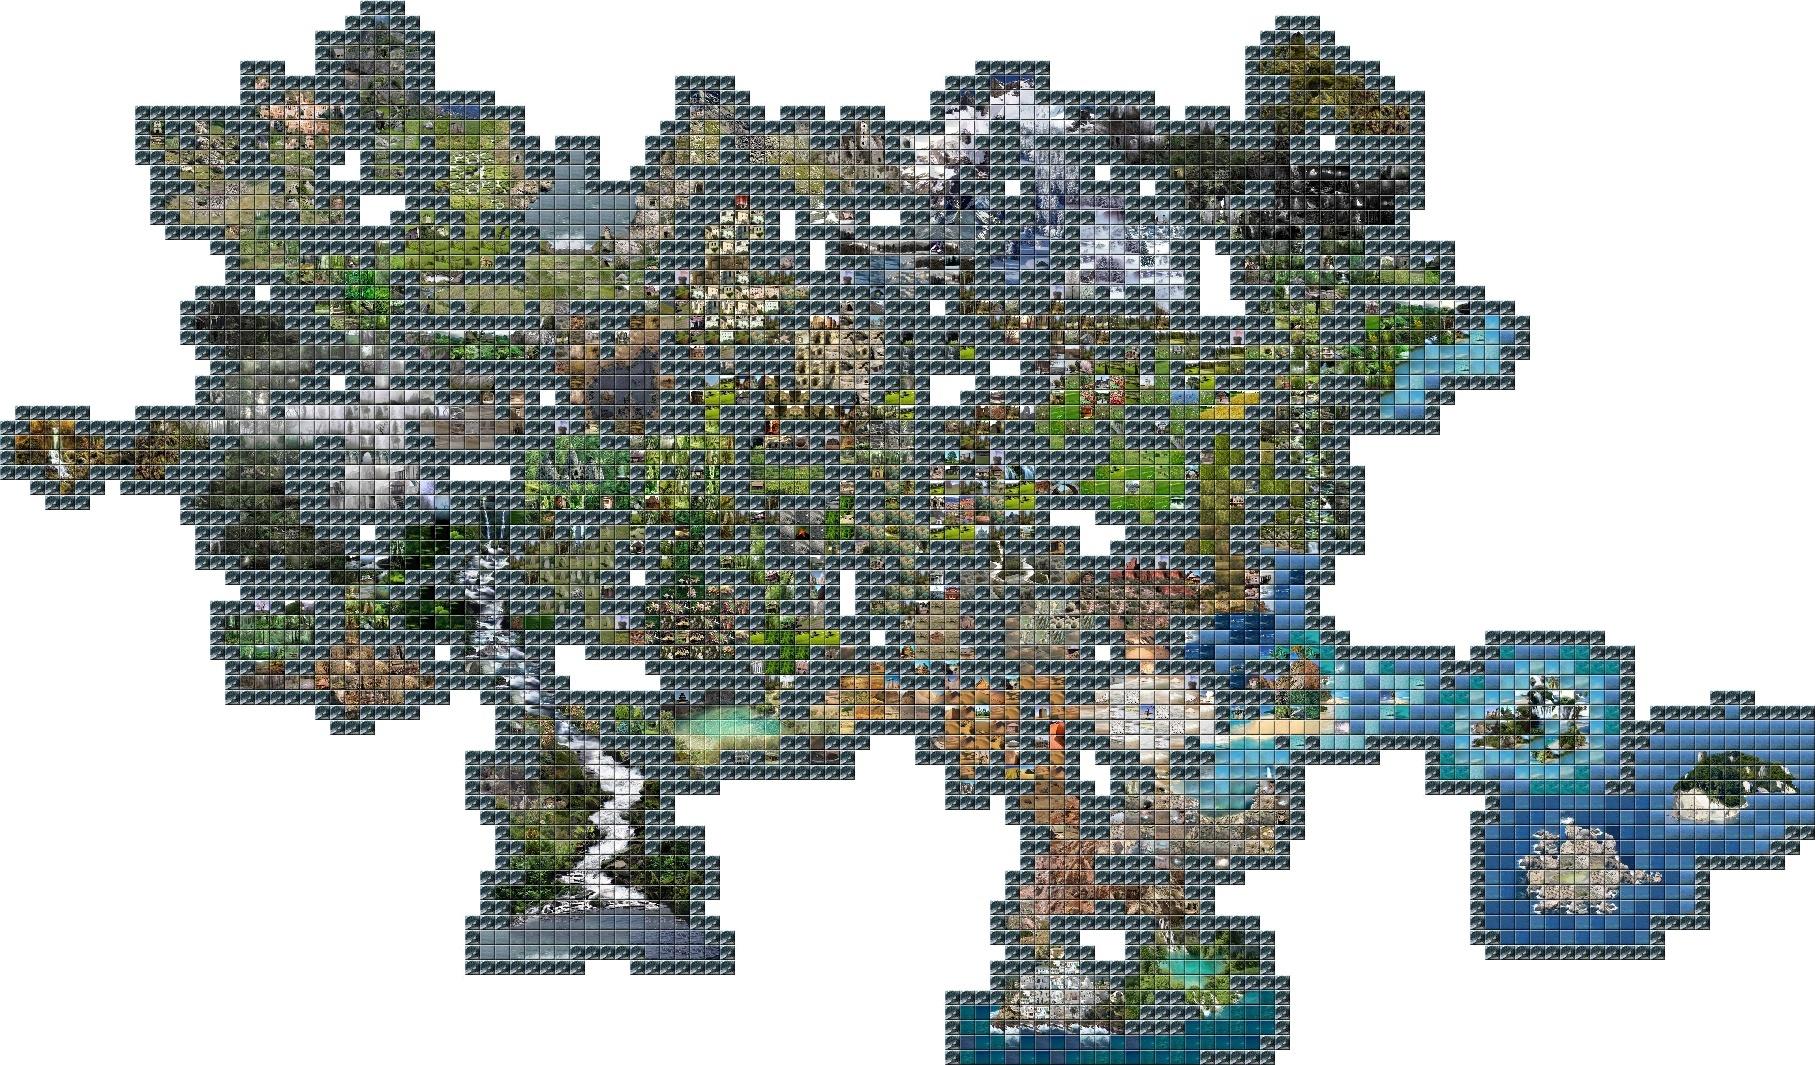 Gesamtkarte_Kontinent_%28automatisch_generiert%29.jpg